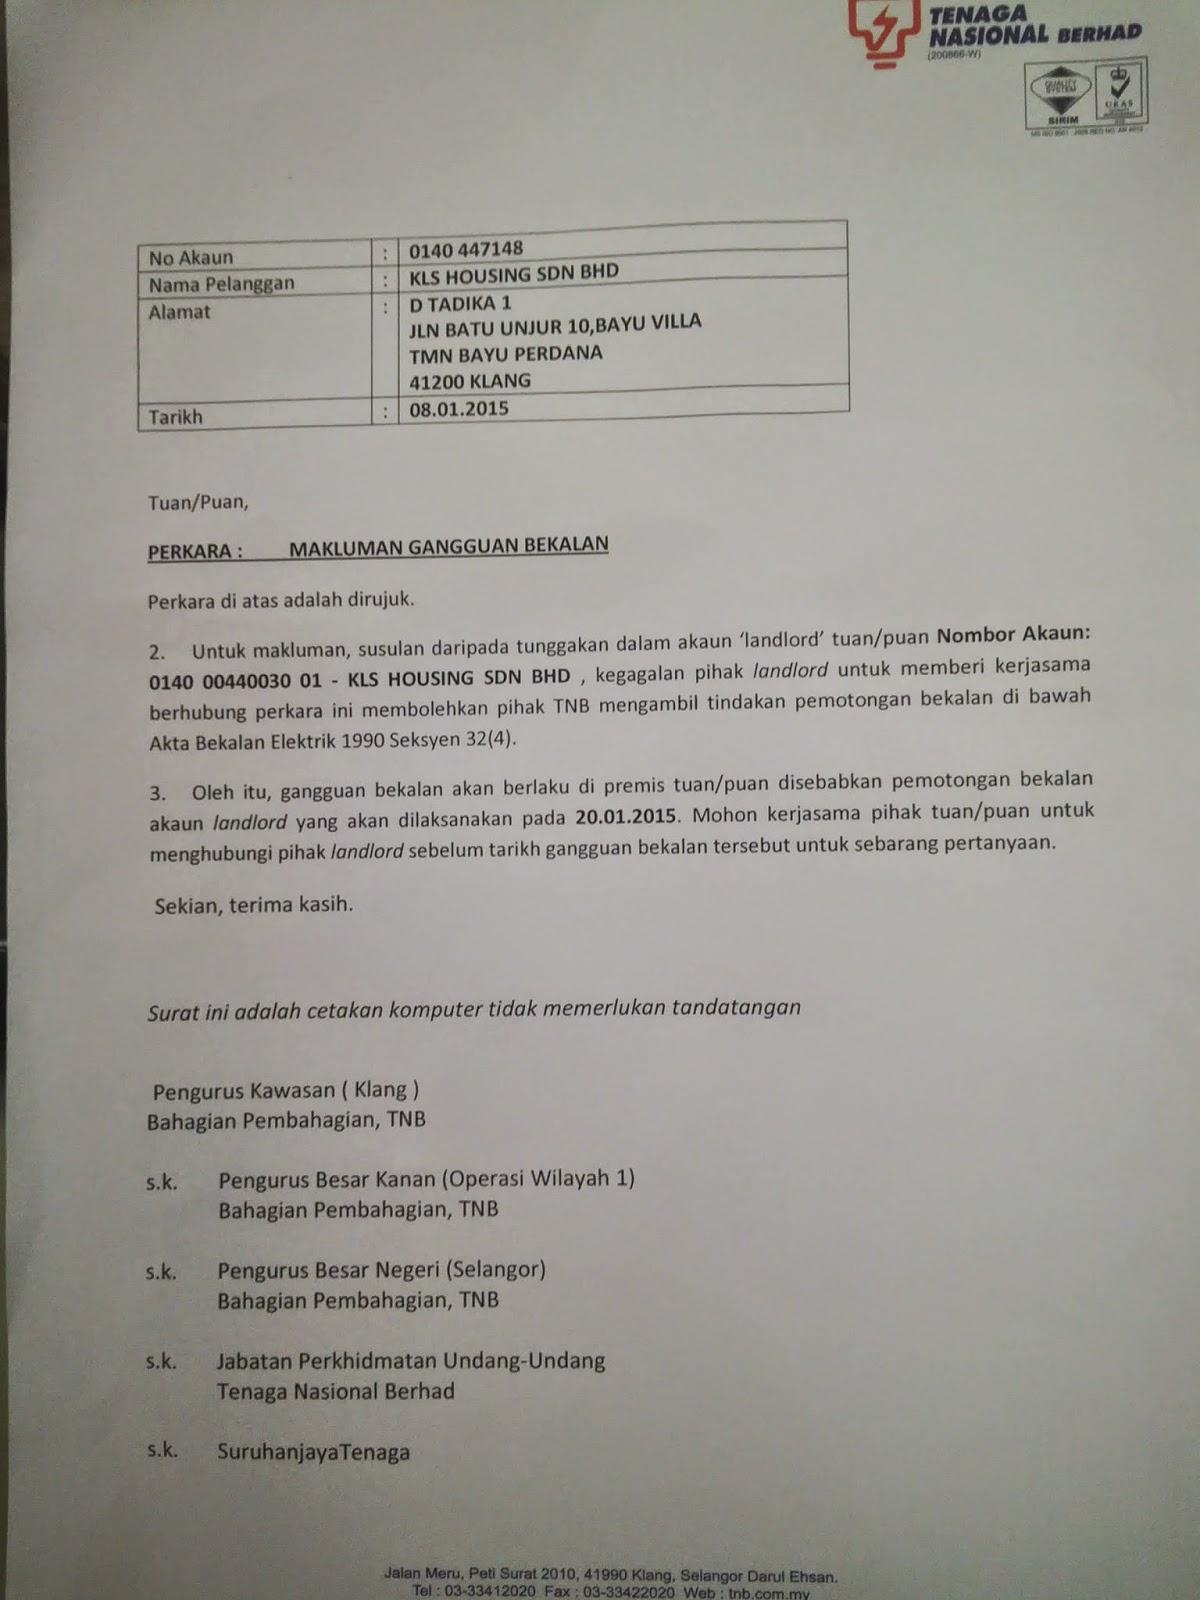 Contoh Surat Rasmi Pemotongan Bekalan Elektrik - Contoh Tiap